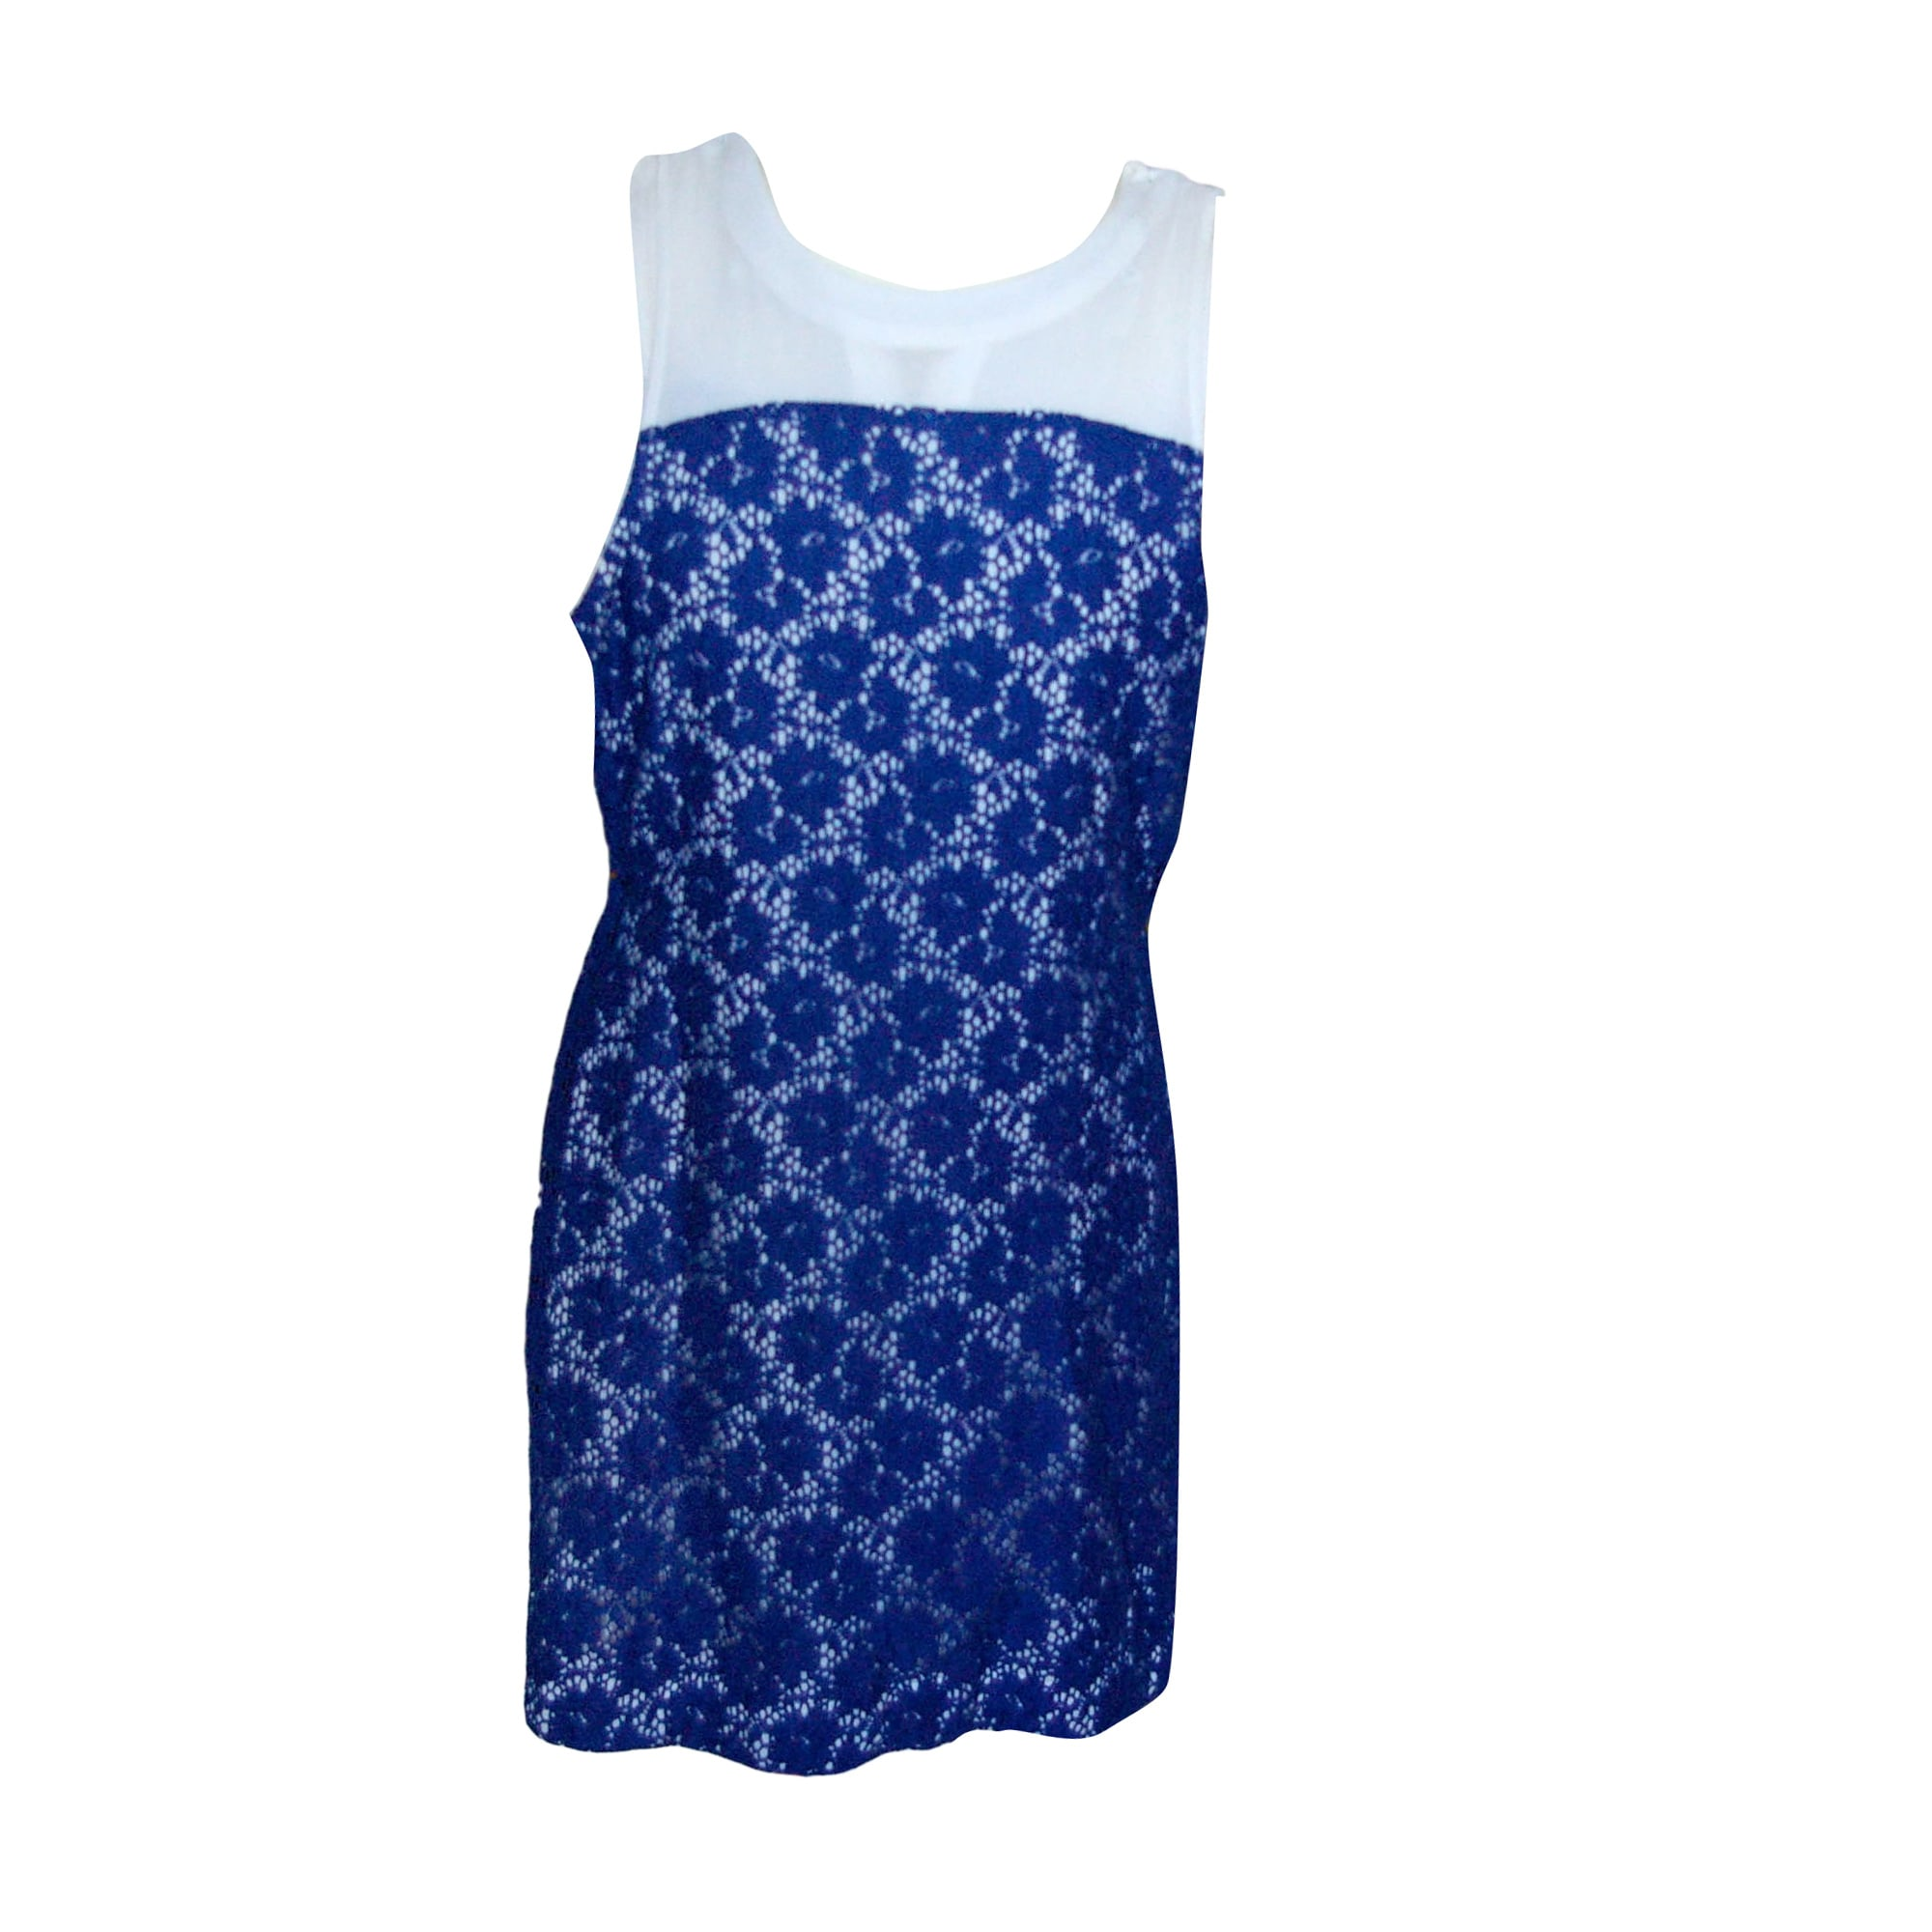 Robe courte PATRIZIA PEPE Bleu, bleu marine, bleu turquoise